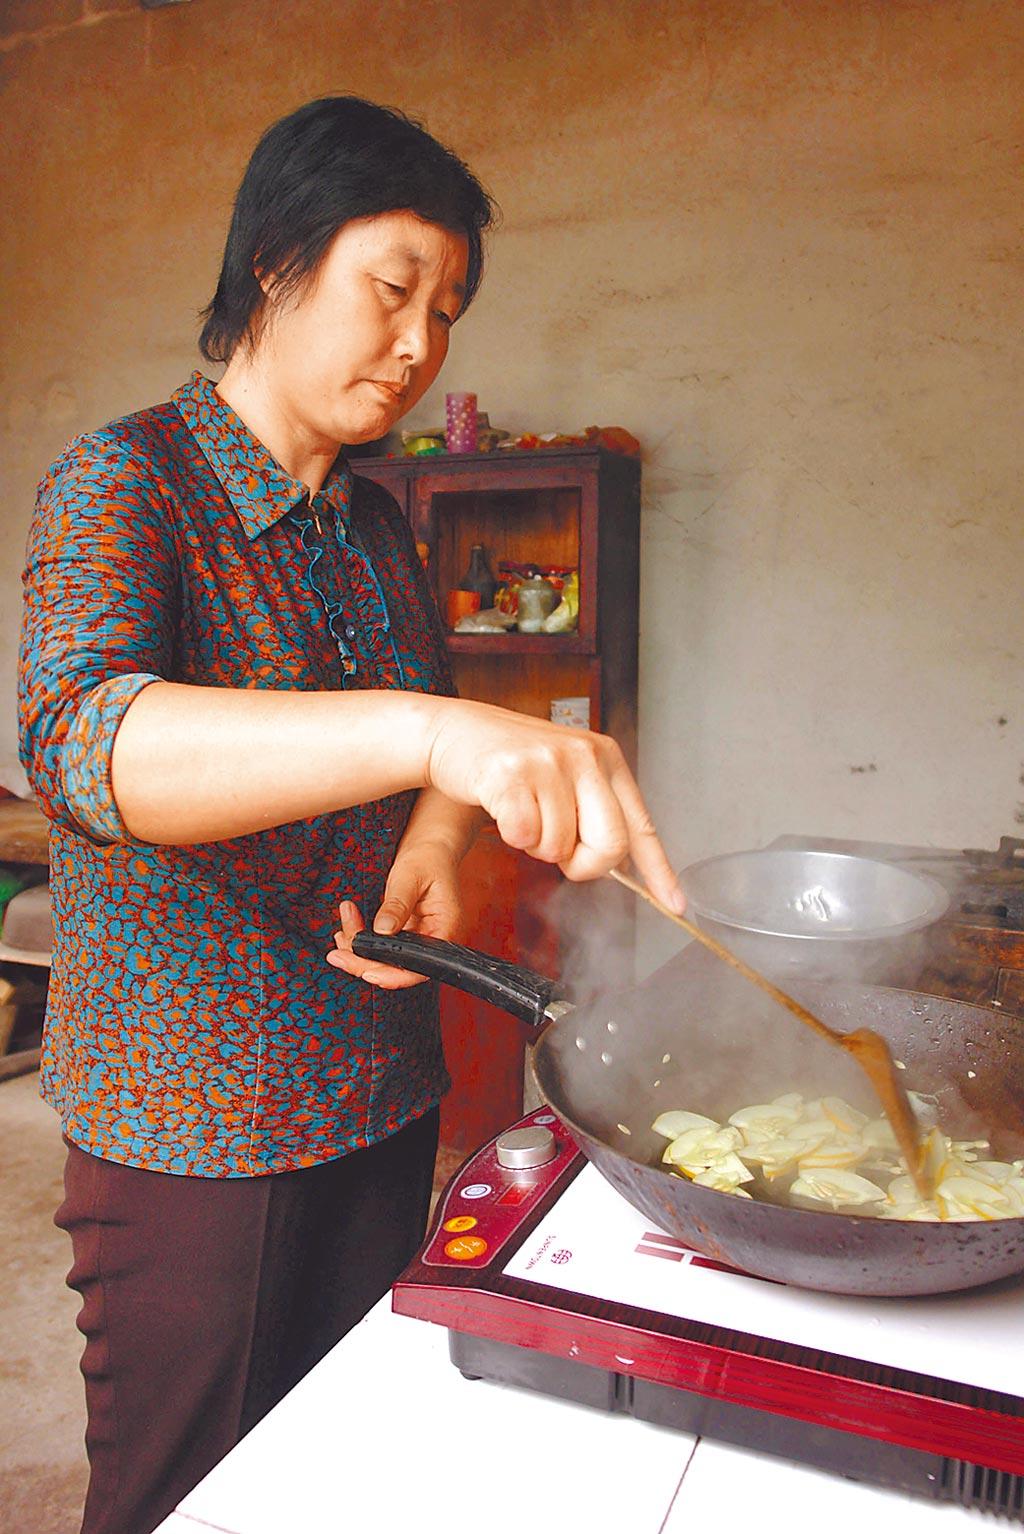 河南一農村村民使用電磁爐炒菜。(新華社資料照片)